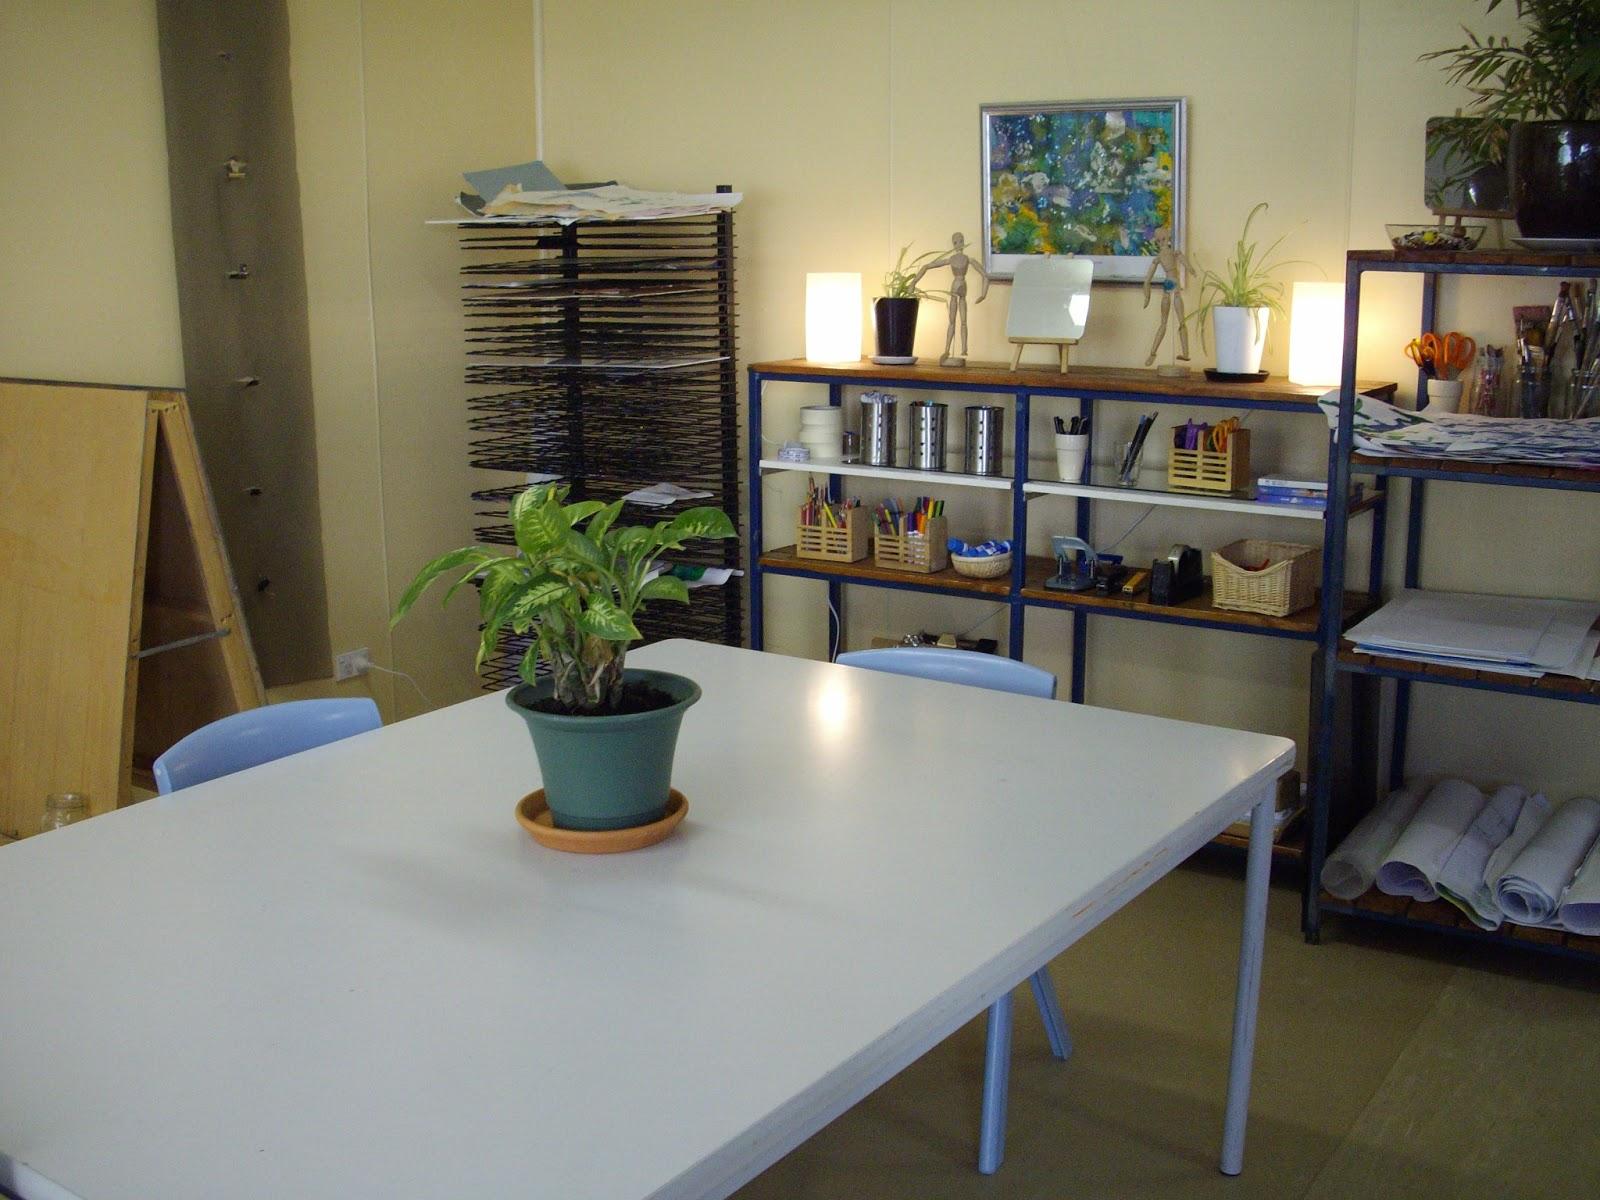 Classroom Vision Reggio Emilia Inspired Classroom For Pre